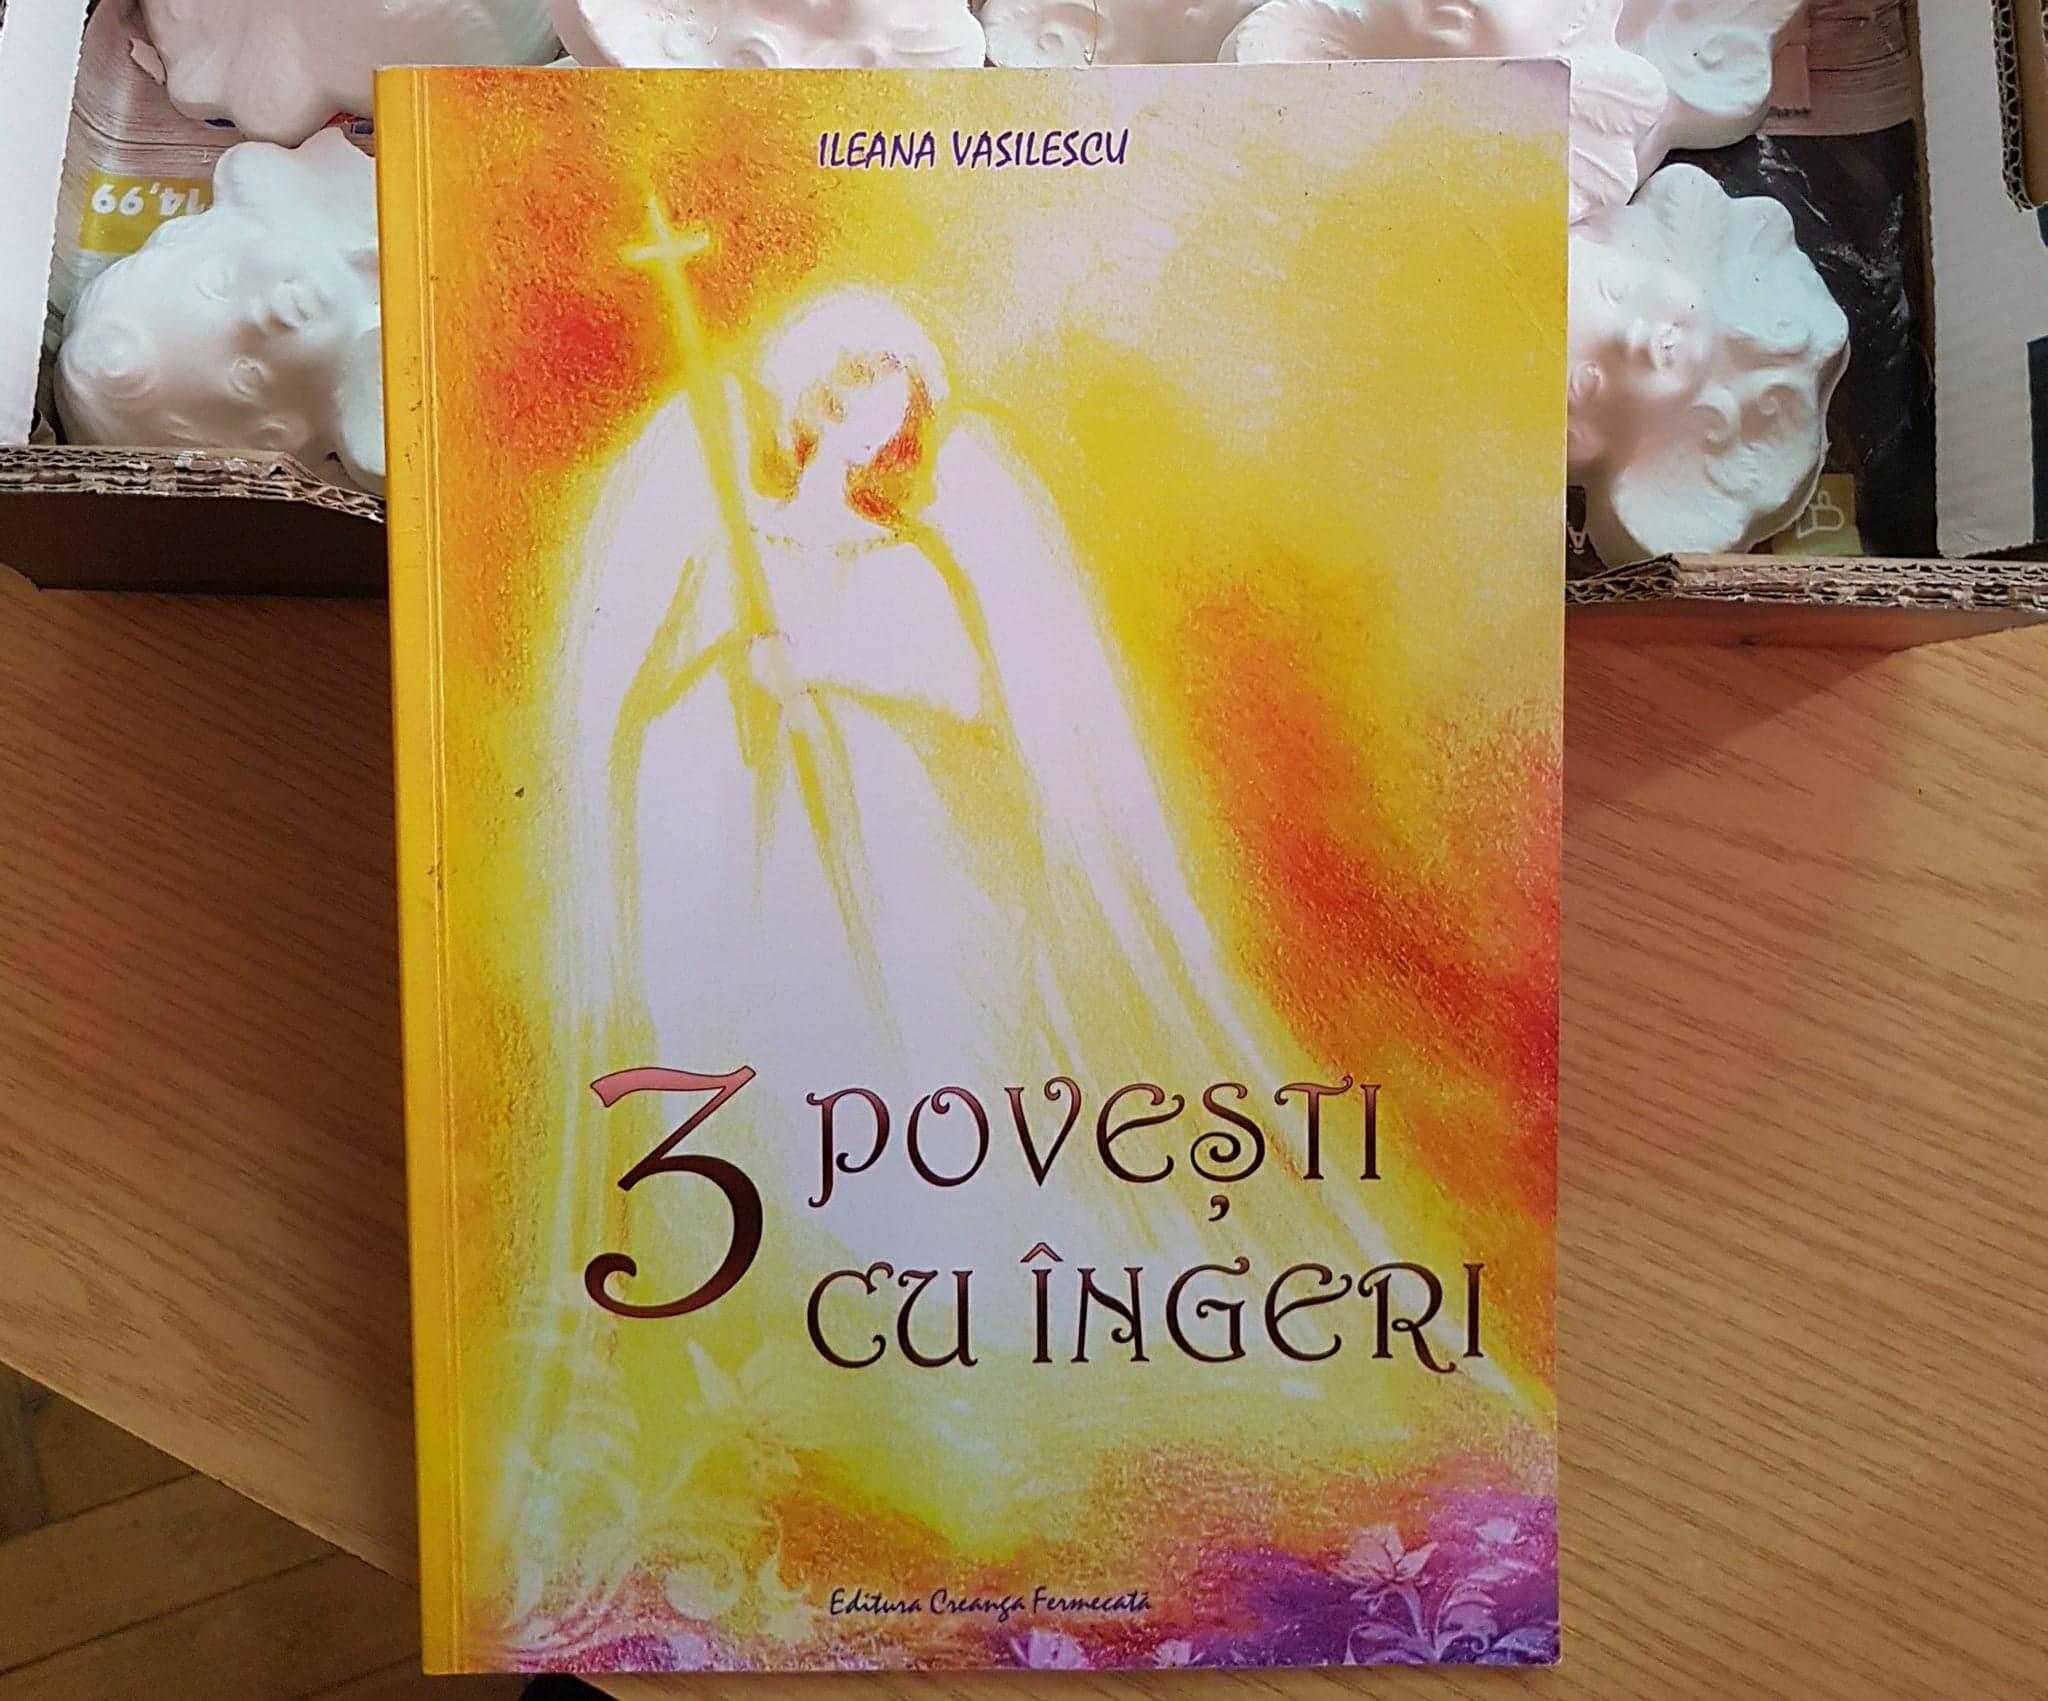 Ne-am pregătit de Crăciun la clubul de lectură: 3 povești cu îngeri, de Ileana Vasilescu